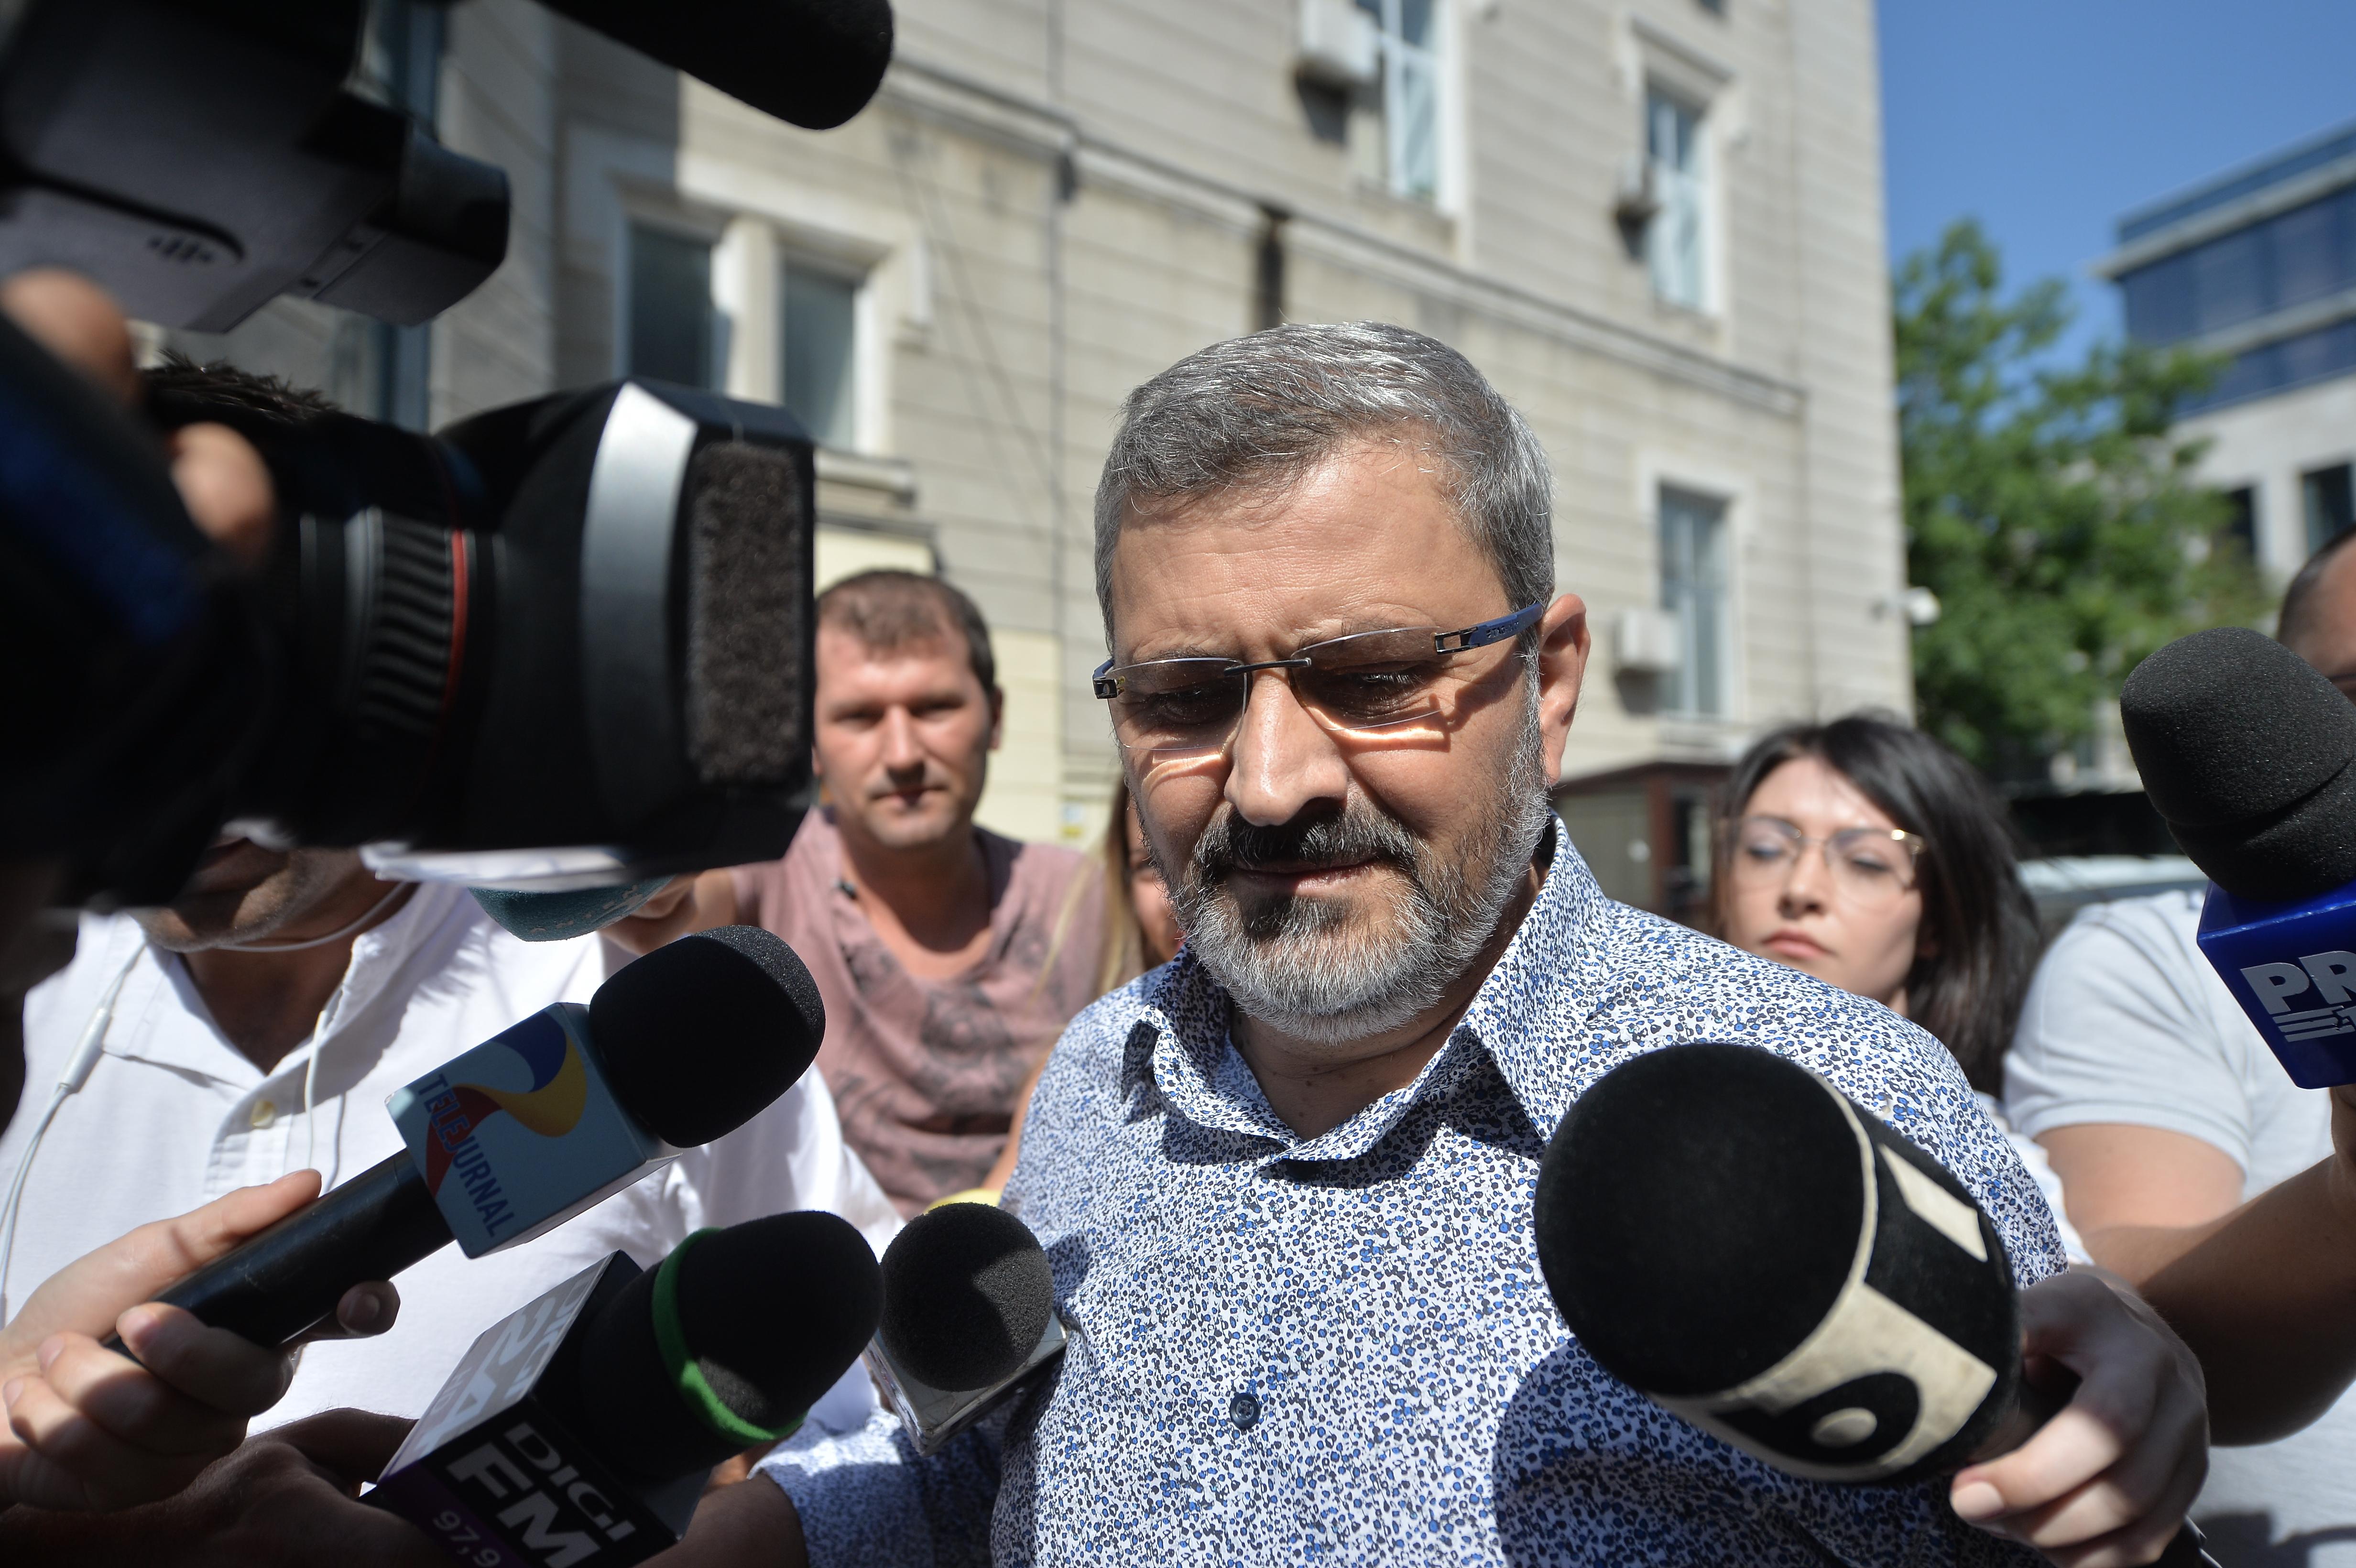 Şefii Tel Drum, urmăriţi penal de DNA pentru obţinere pe nedrept de fonduri europene